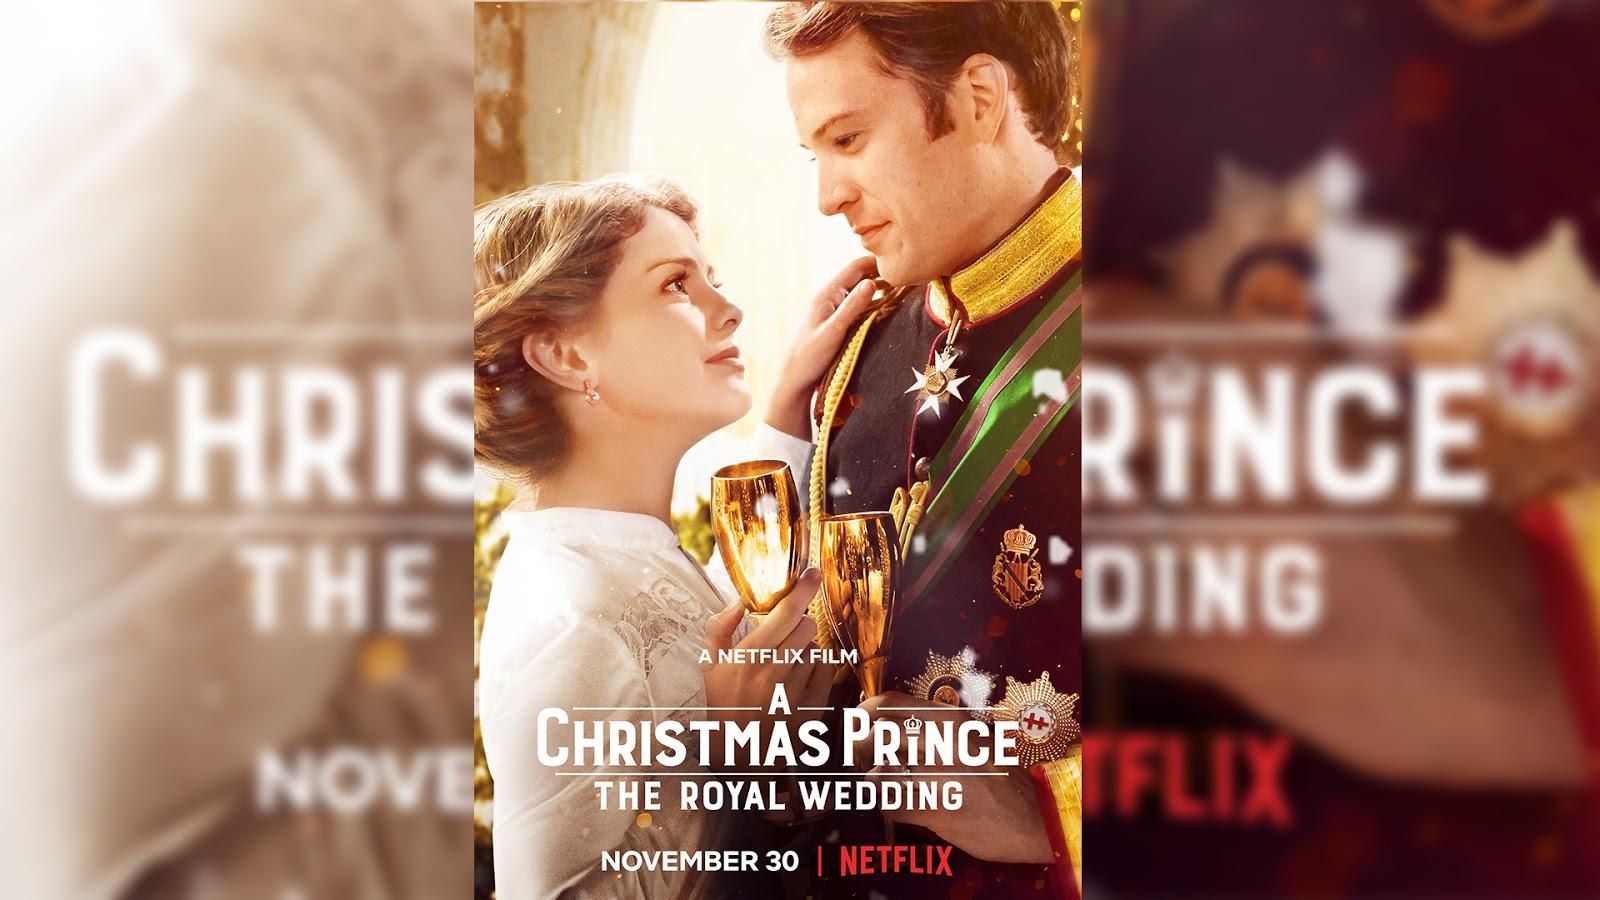 A Christmas Prince The Royal Wedding.A Christmas Prince The Royal Wedding 1080movierips